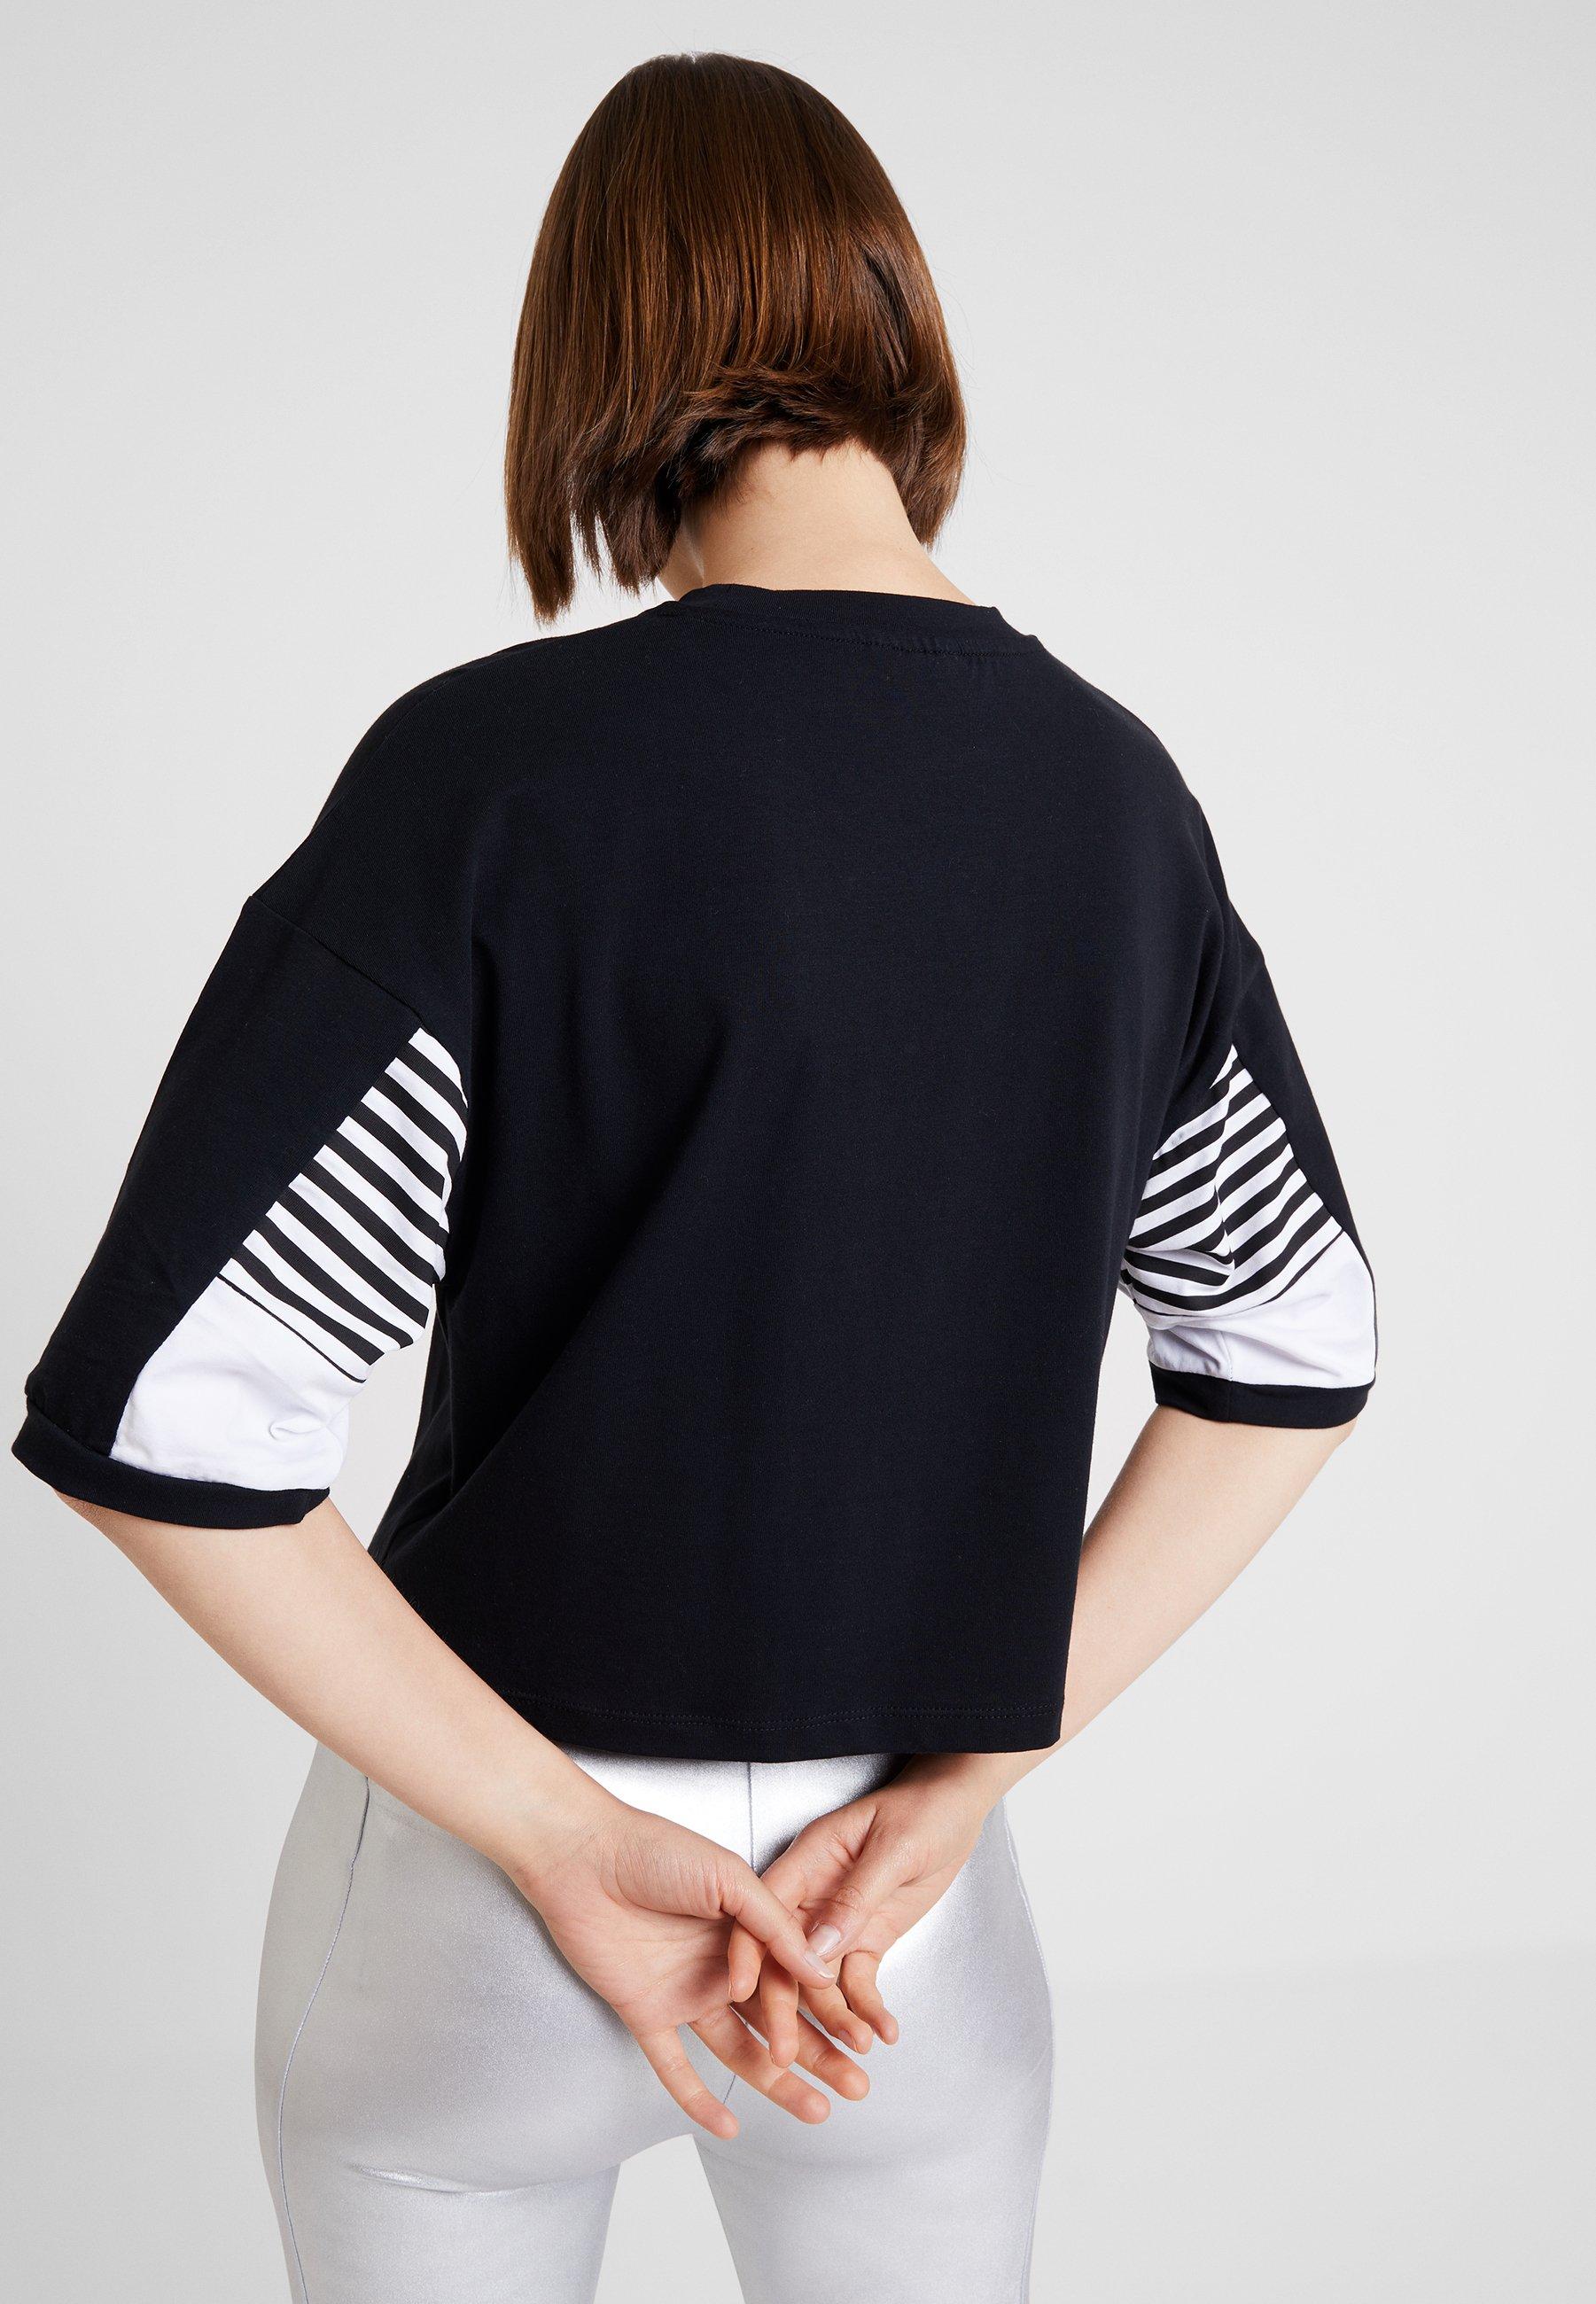 Black Hummel Hive CanaT shirt Imprimé mnv80Nw